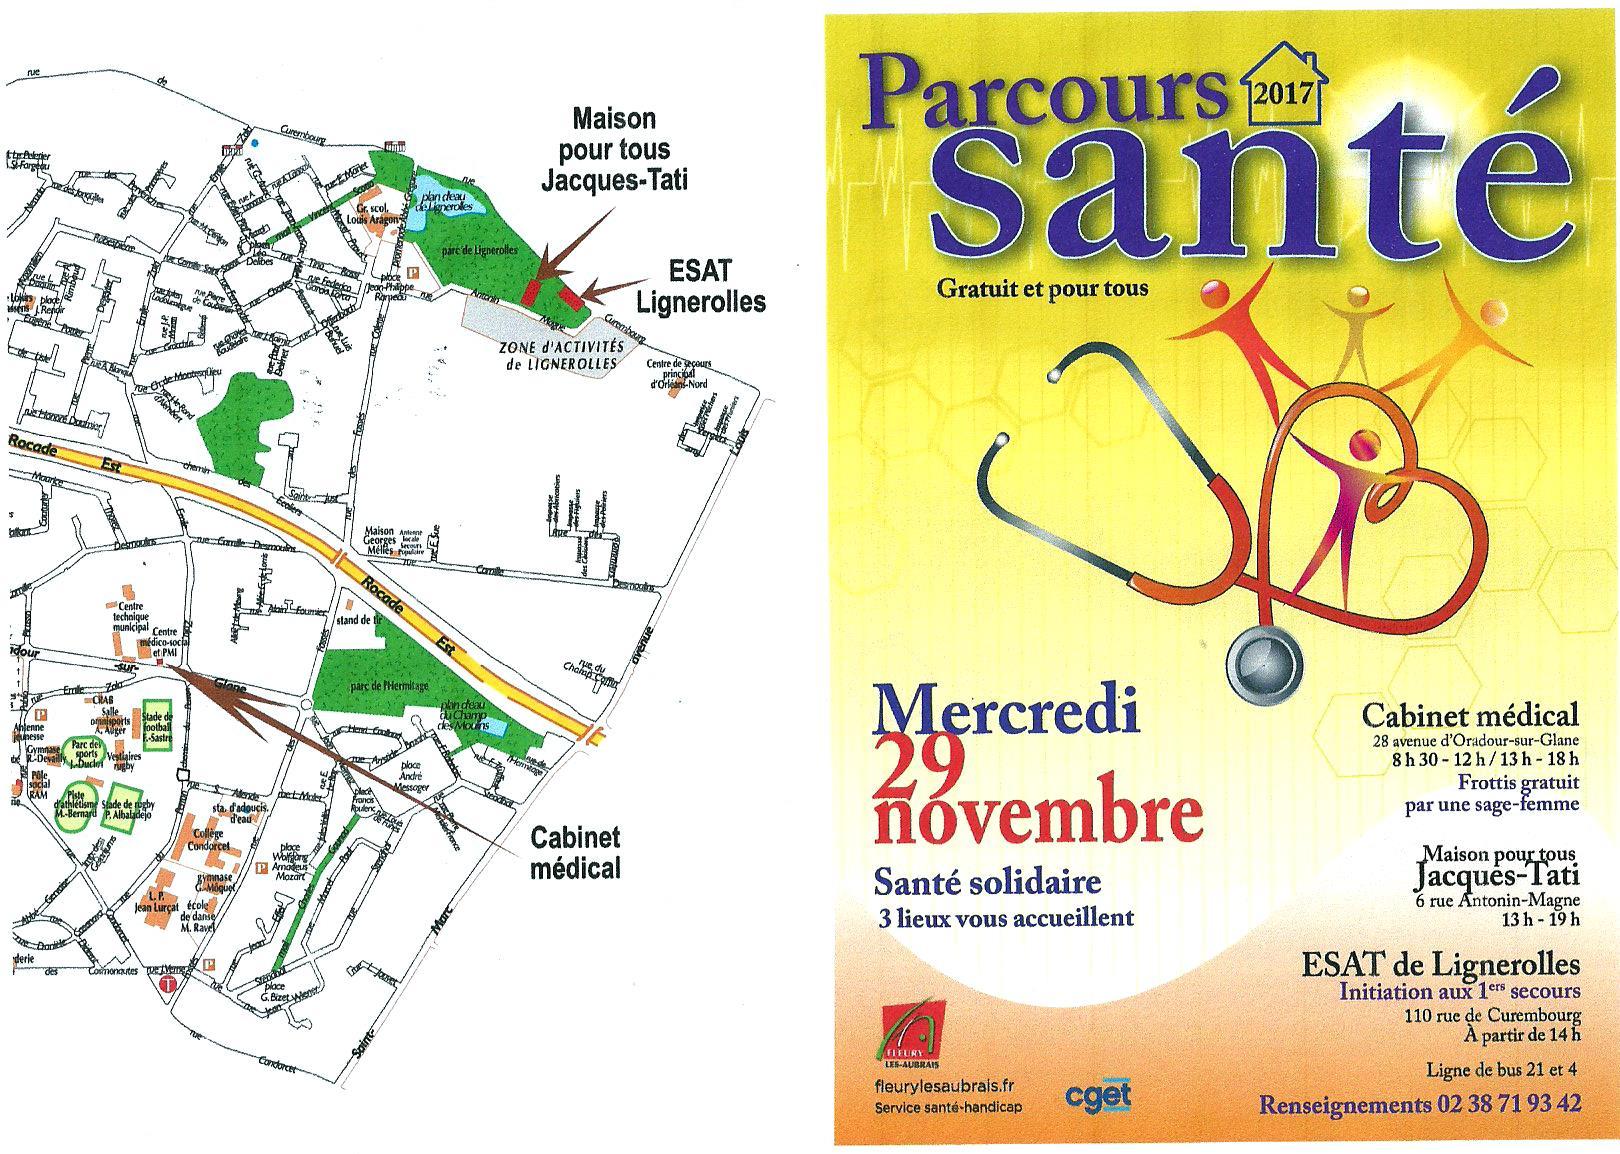 Scan Parcours 2017 Santé (29.11.2017).jpg